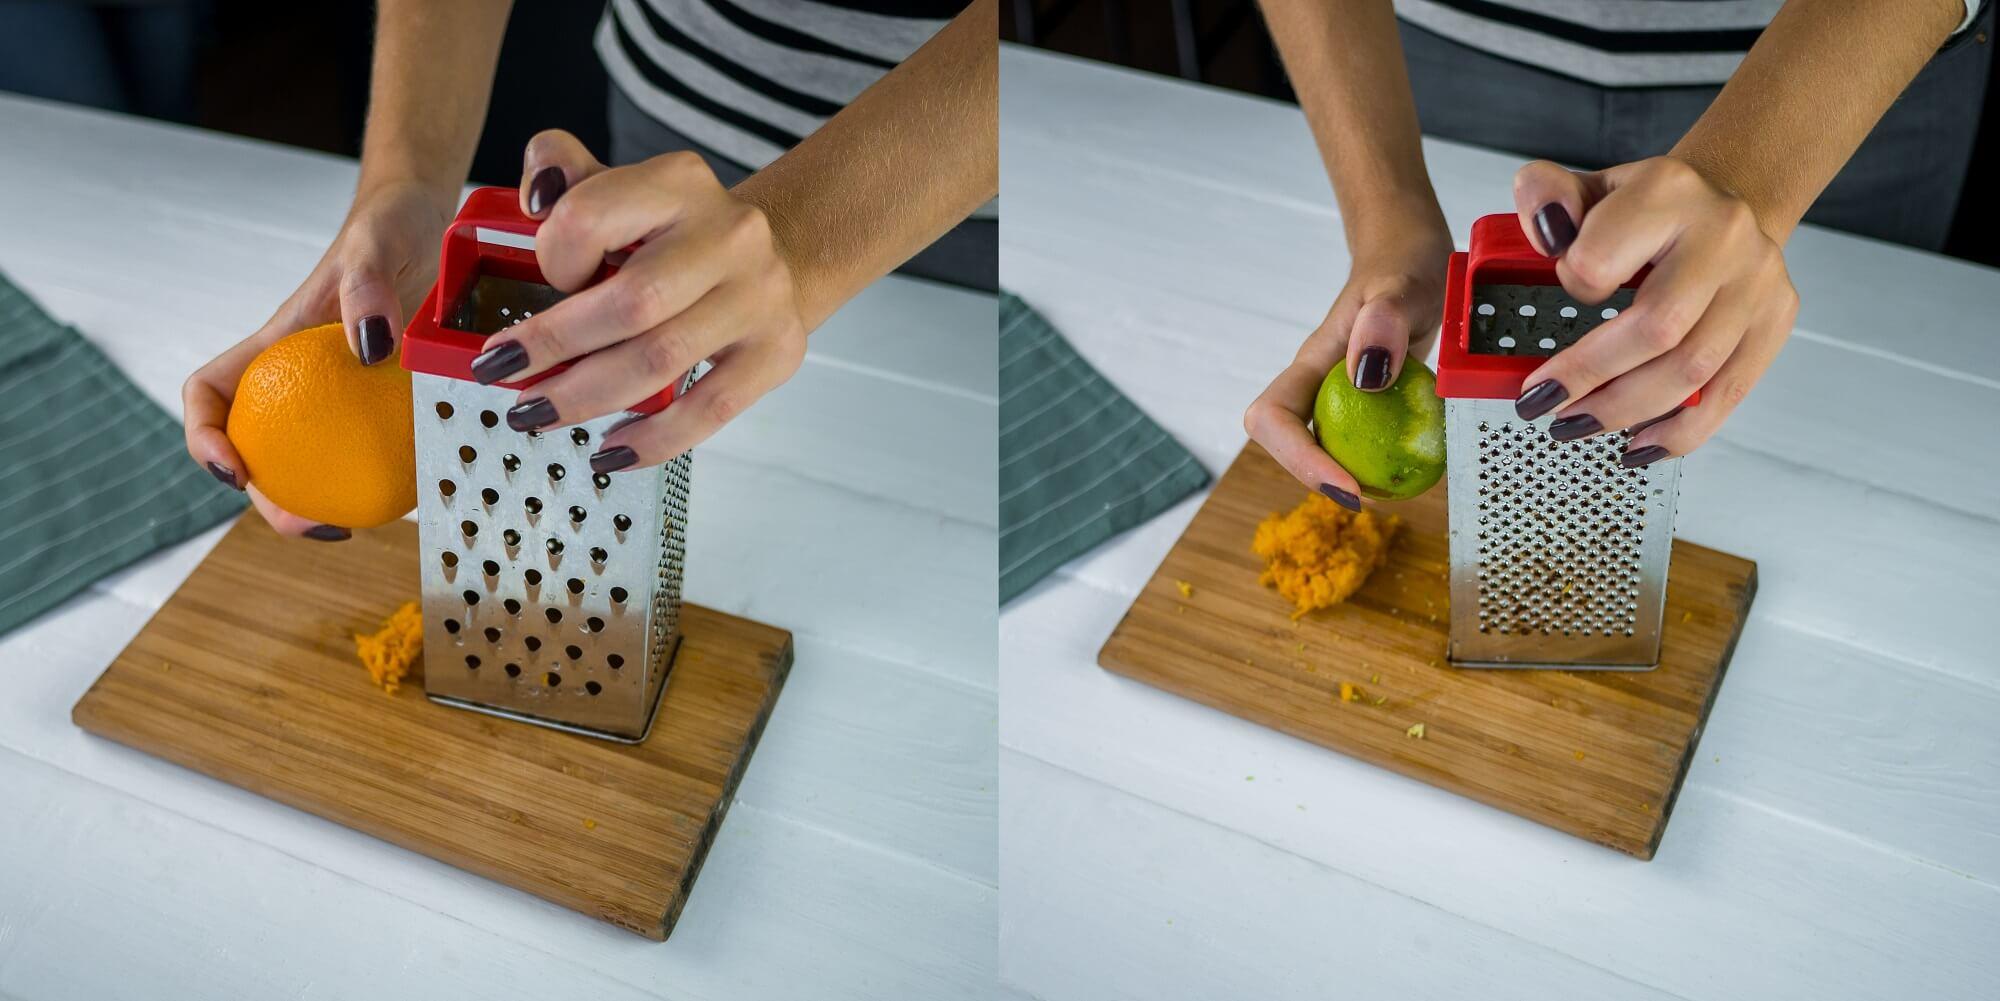 Натрите цедру апельсина и лайма